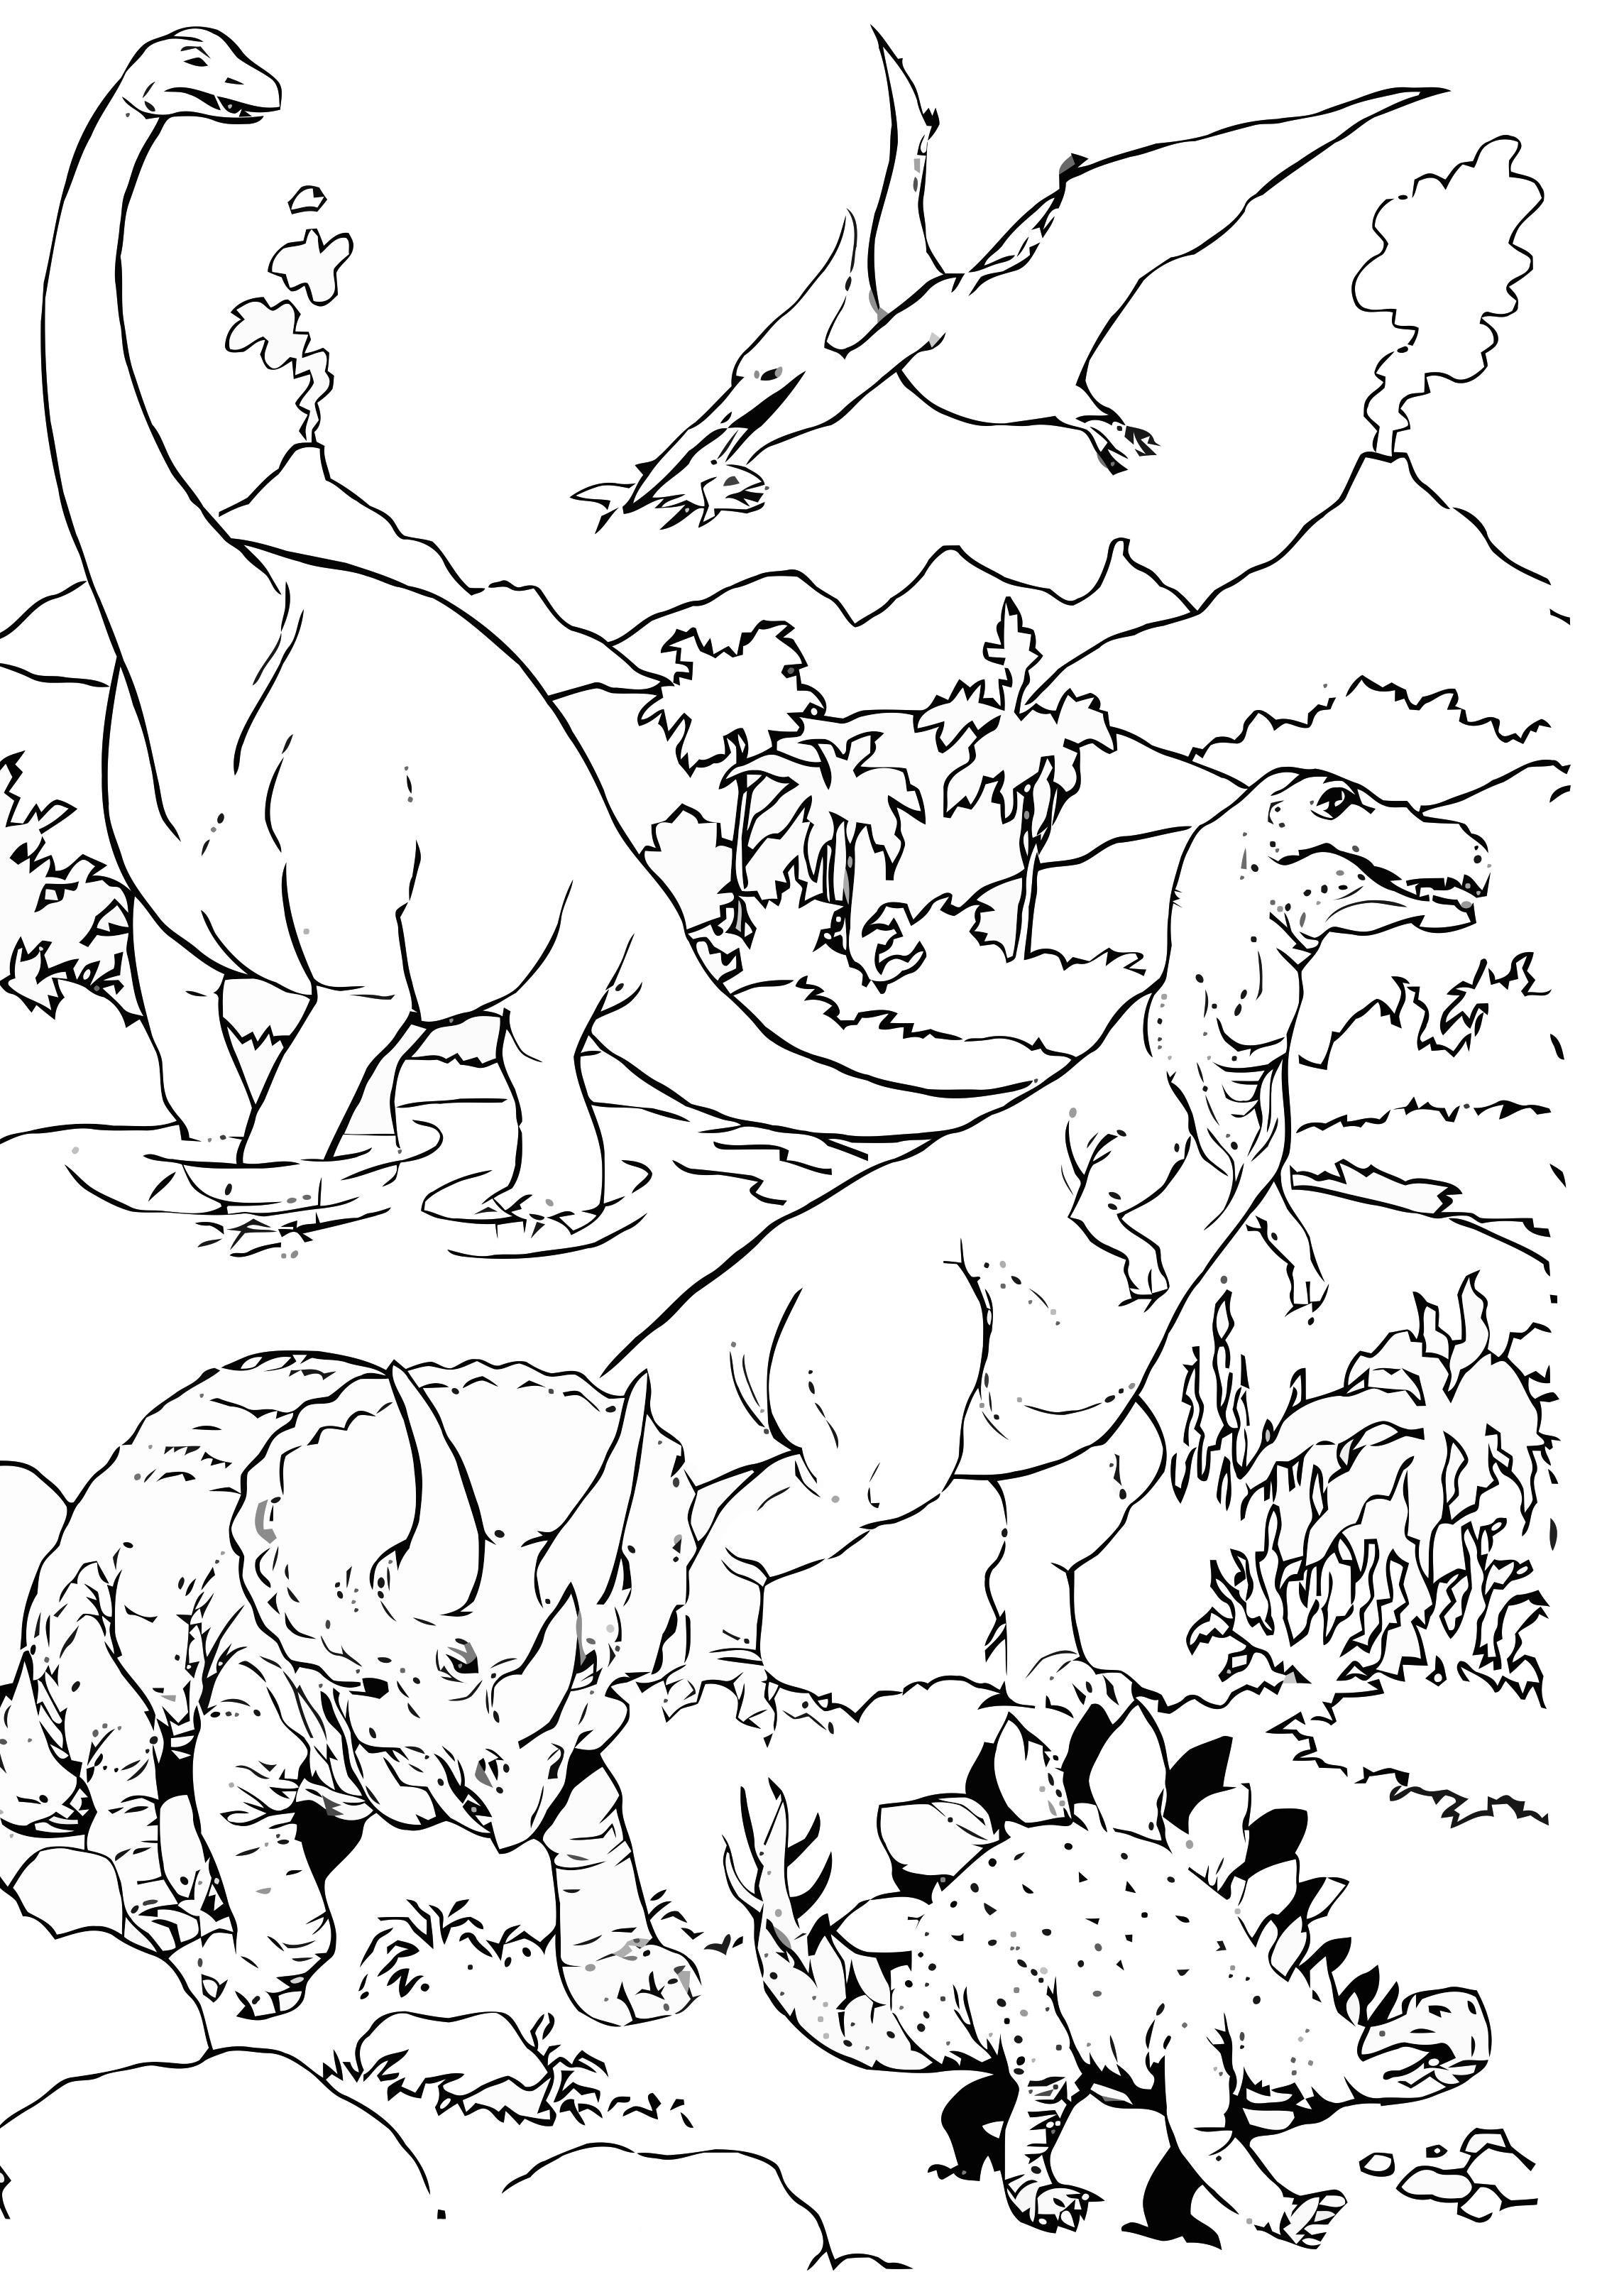 Malvorlage Dinosaurier in der Landschaft - Kostenlose Ausmalbilder